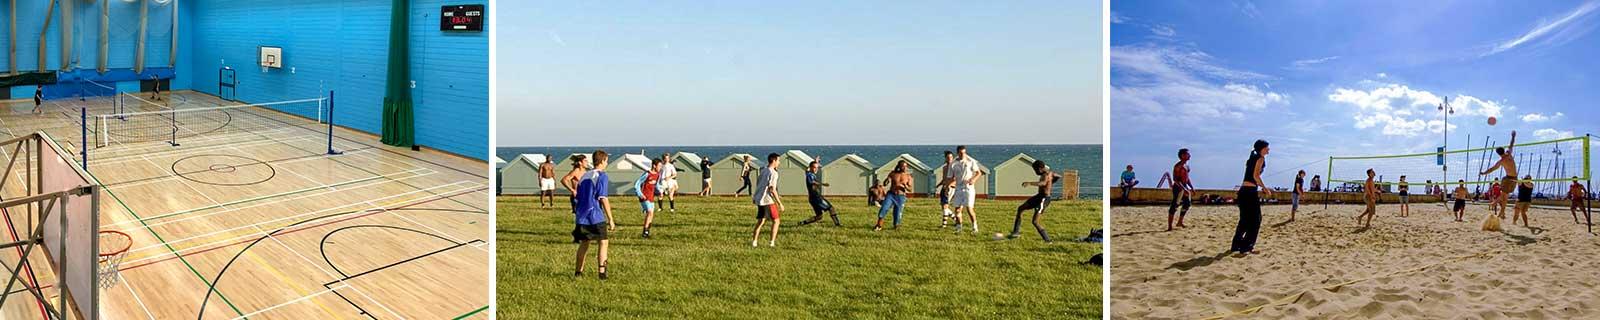 Sportaktivitäten im Sprachcamp Brighton